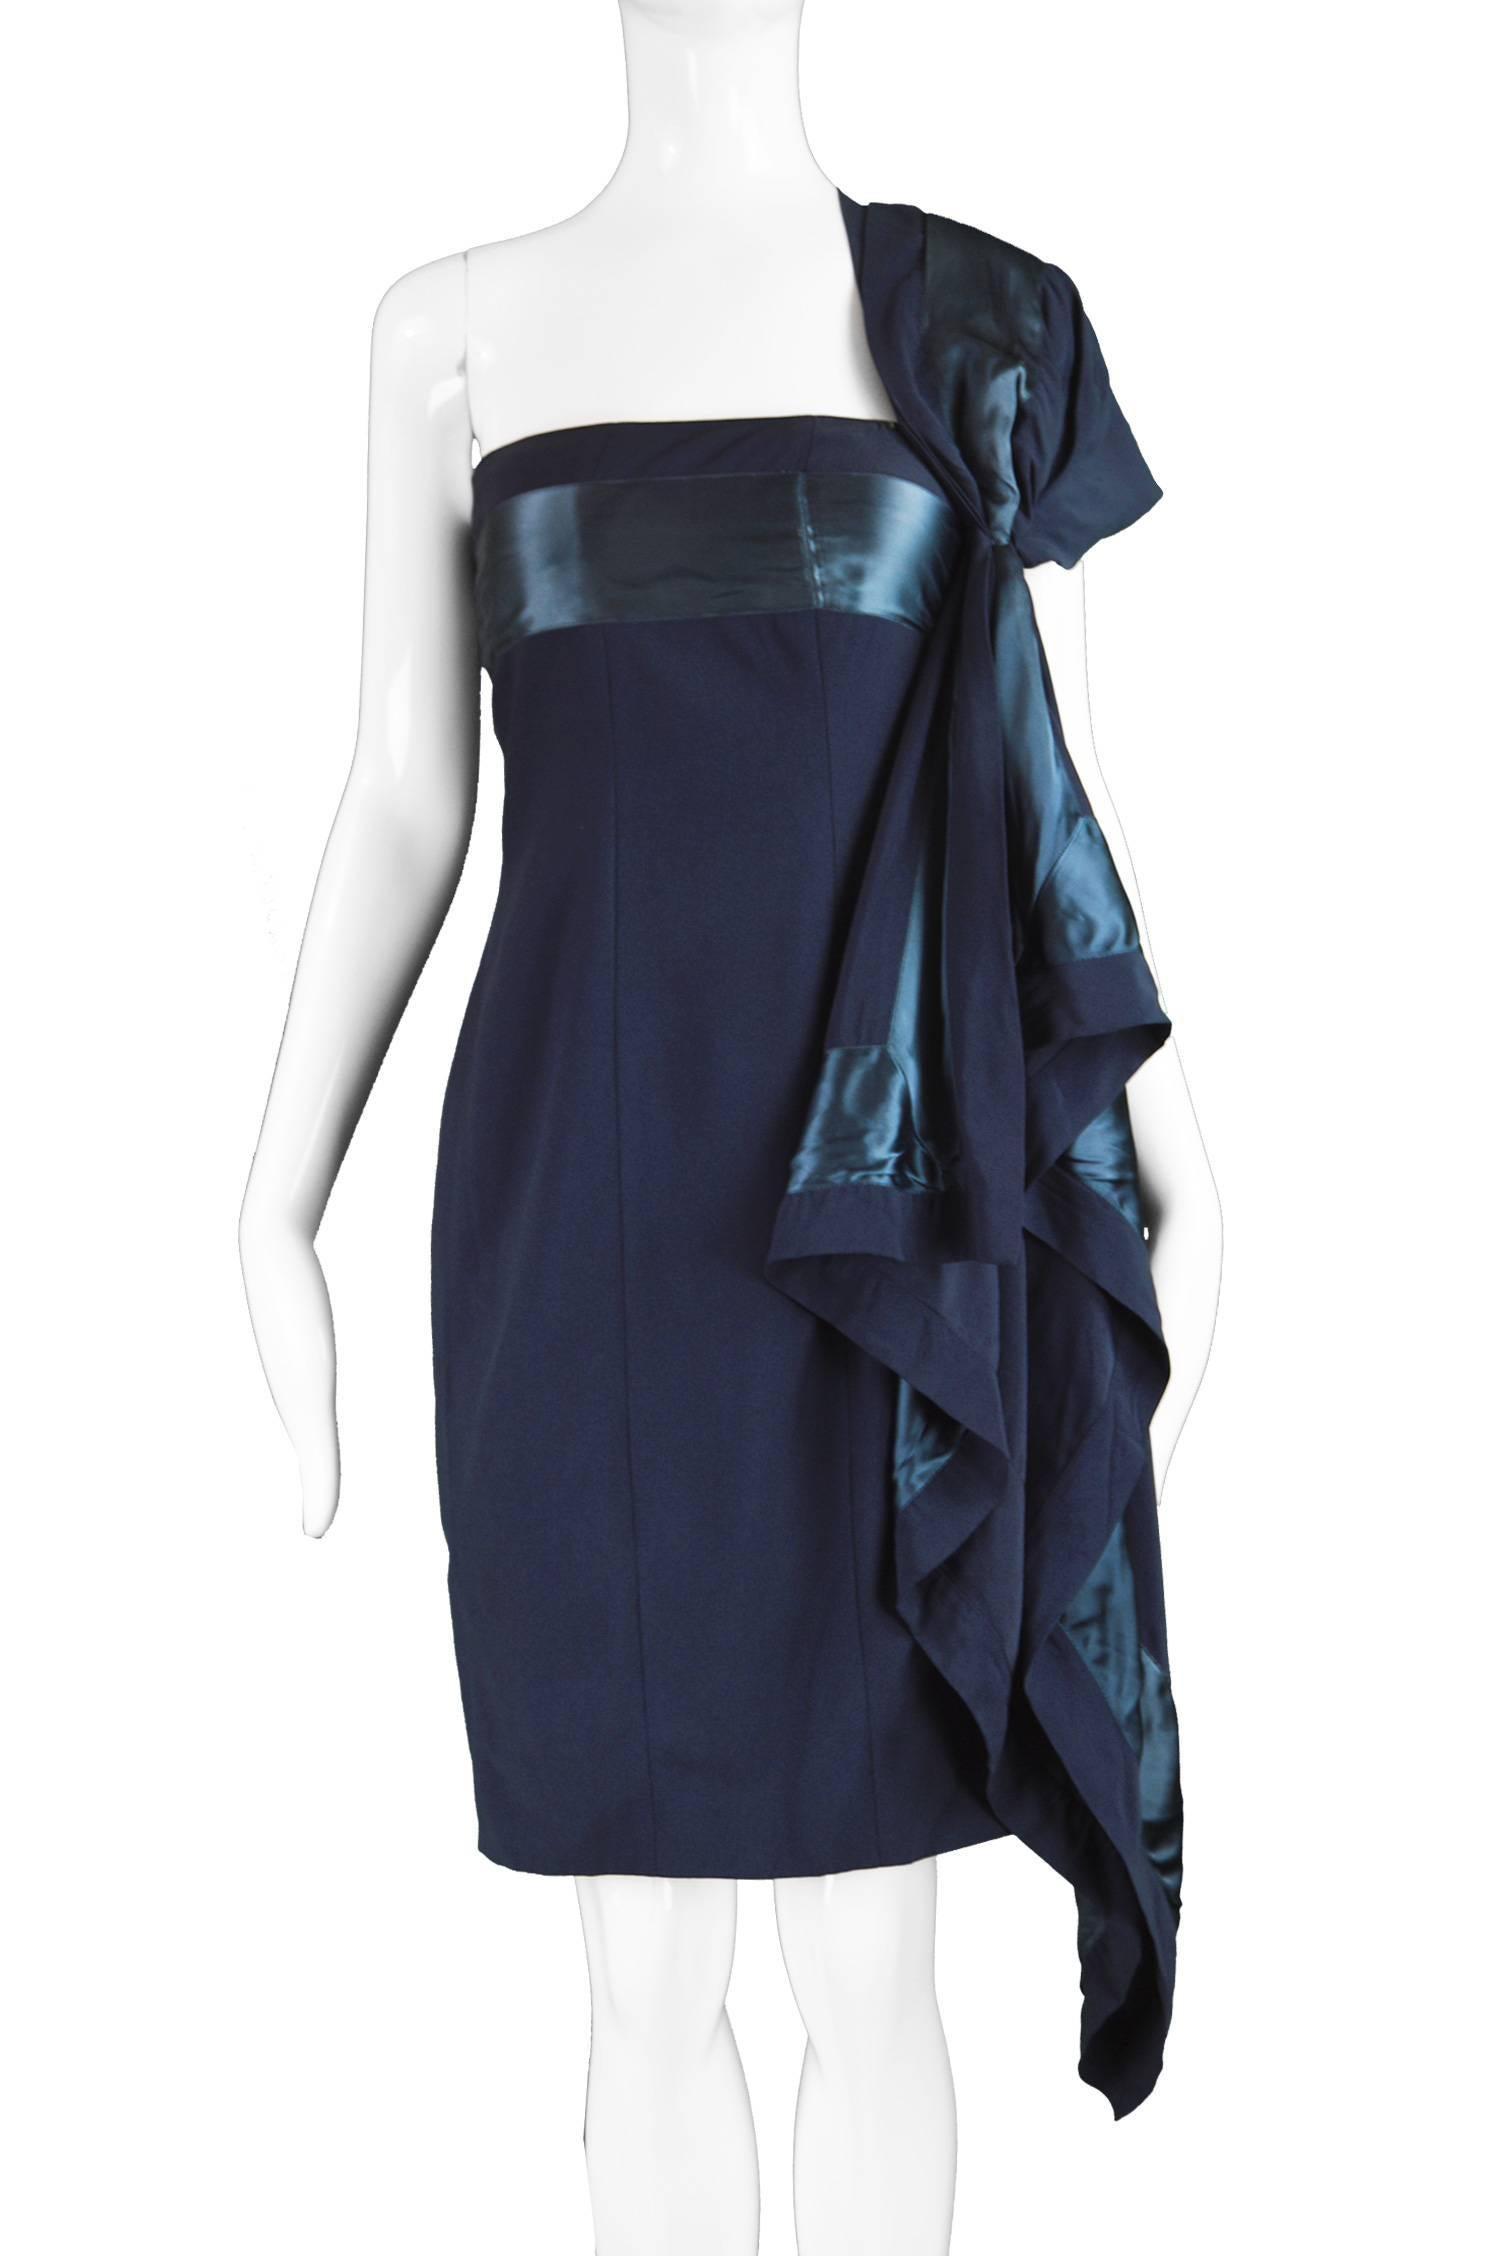 1ac43112f9d Gianfranco Ferre Vintage Navy Blue Crepe and Satin Shoulder Train Dress